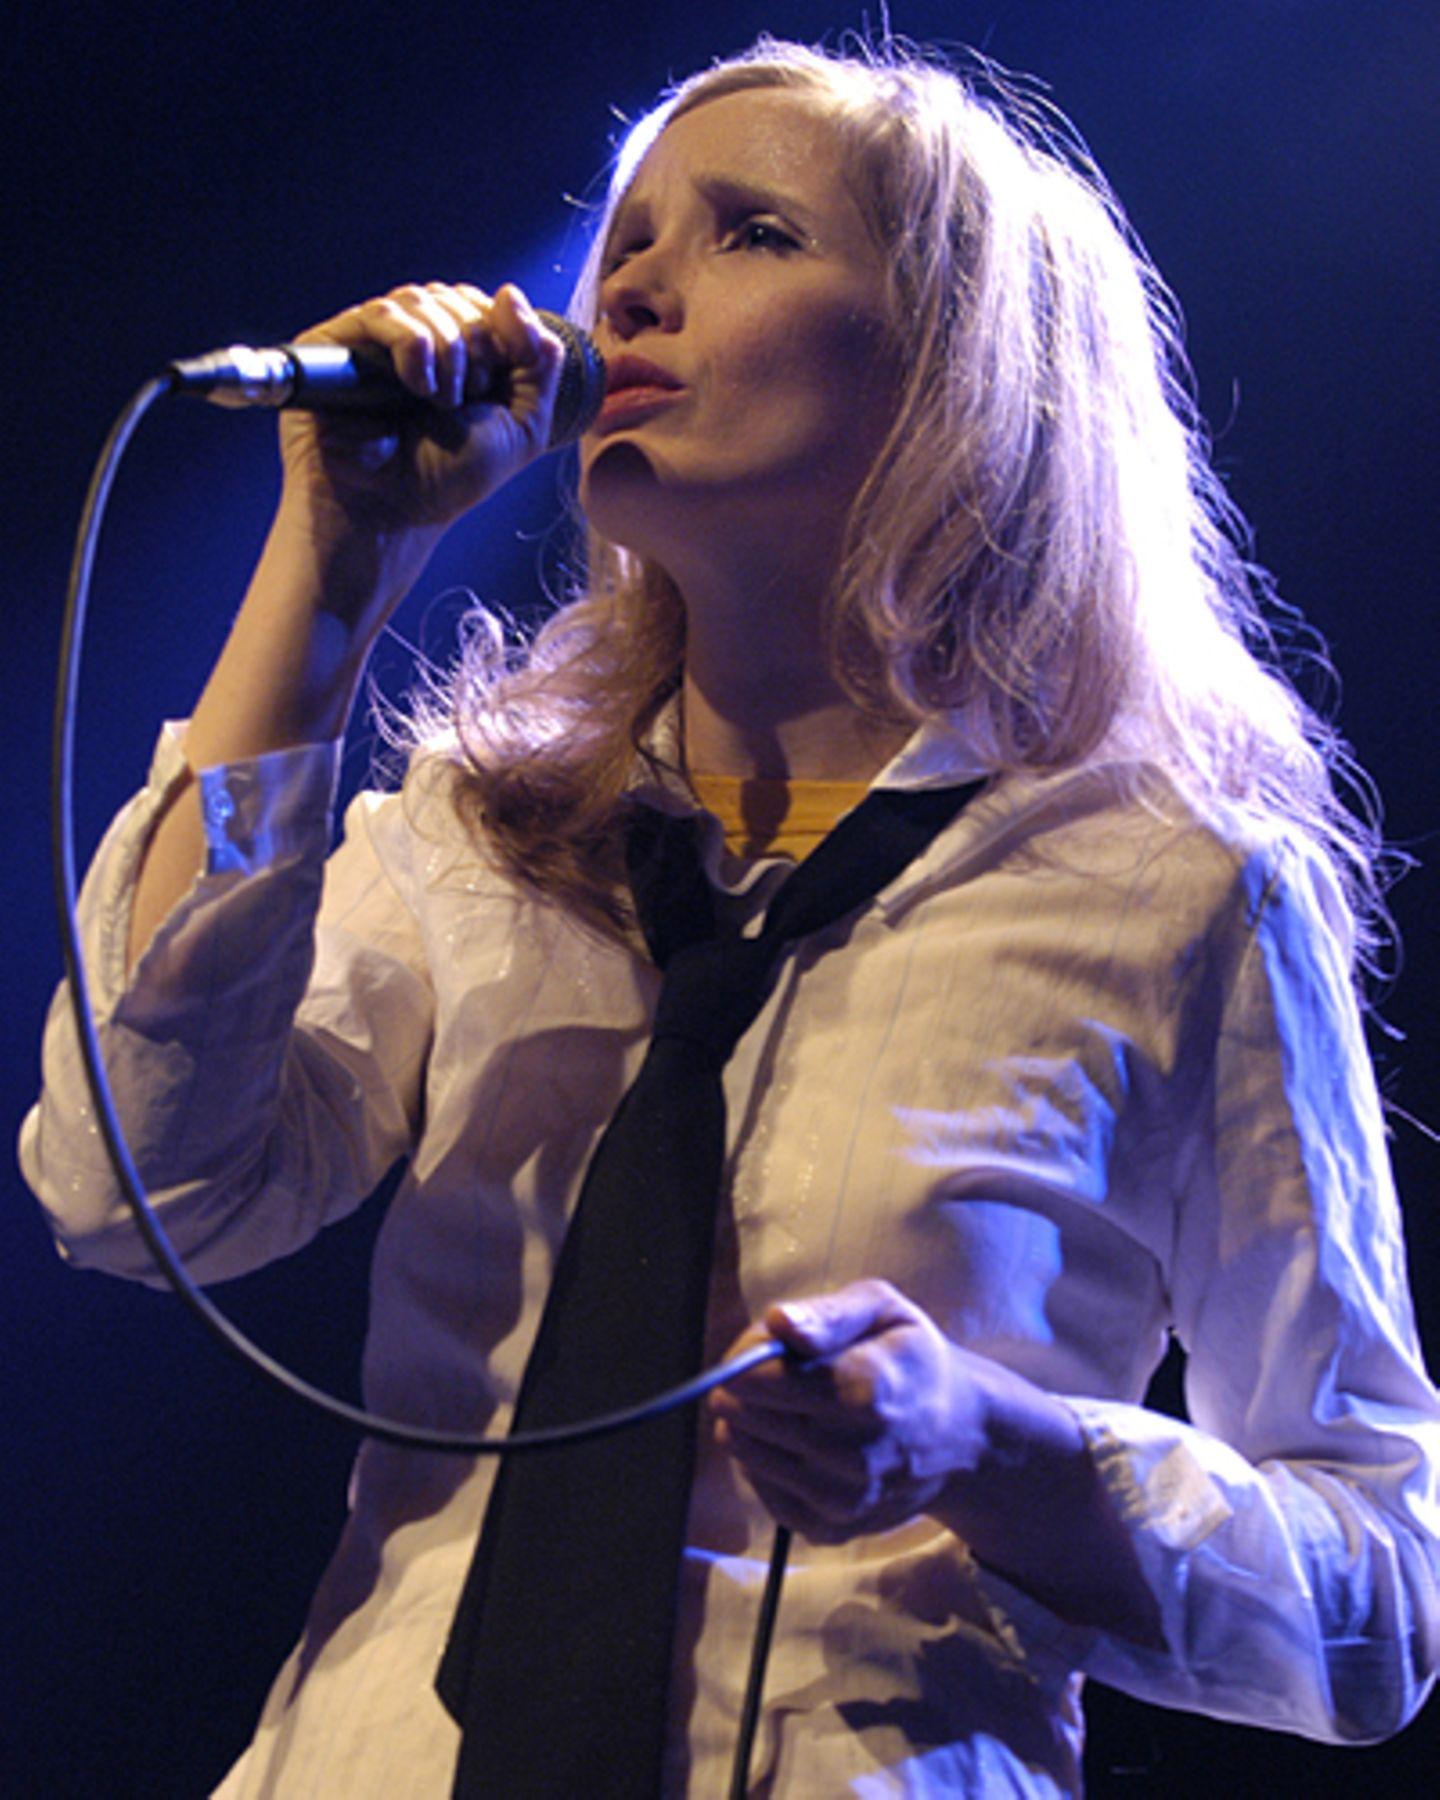 Singen kann sie auch noch: 2003 veröffentlichte Julie Delpy ein Album mit englischen und französischen Chansons - natürlich selbstgeschrieben.